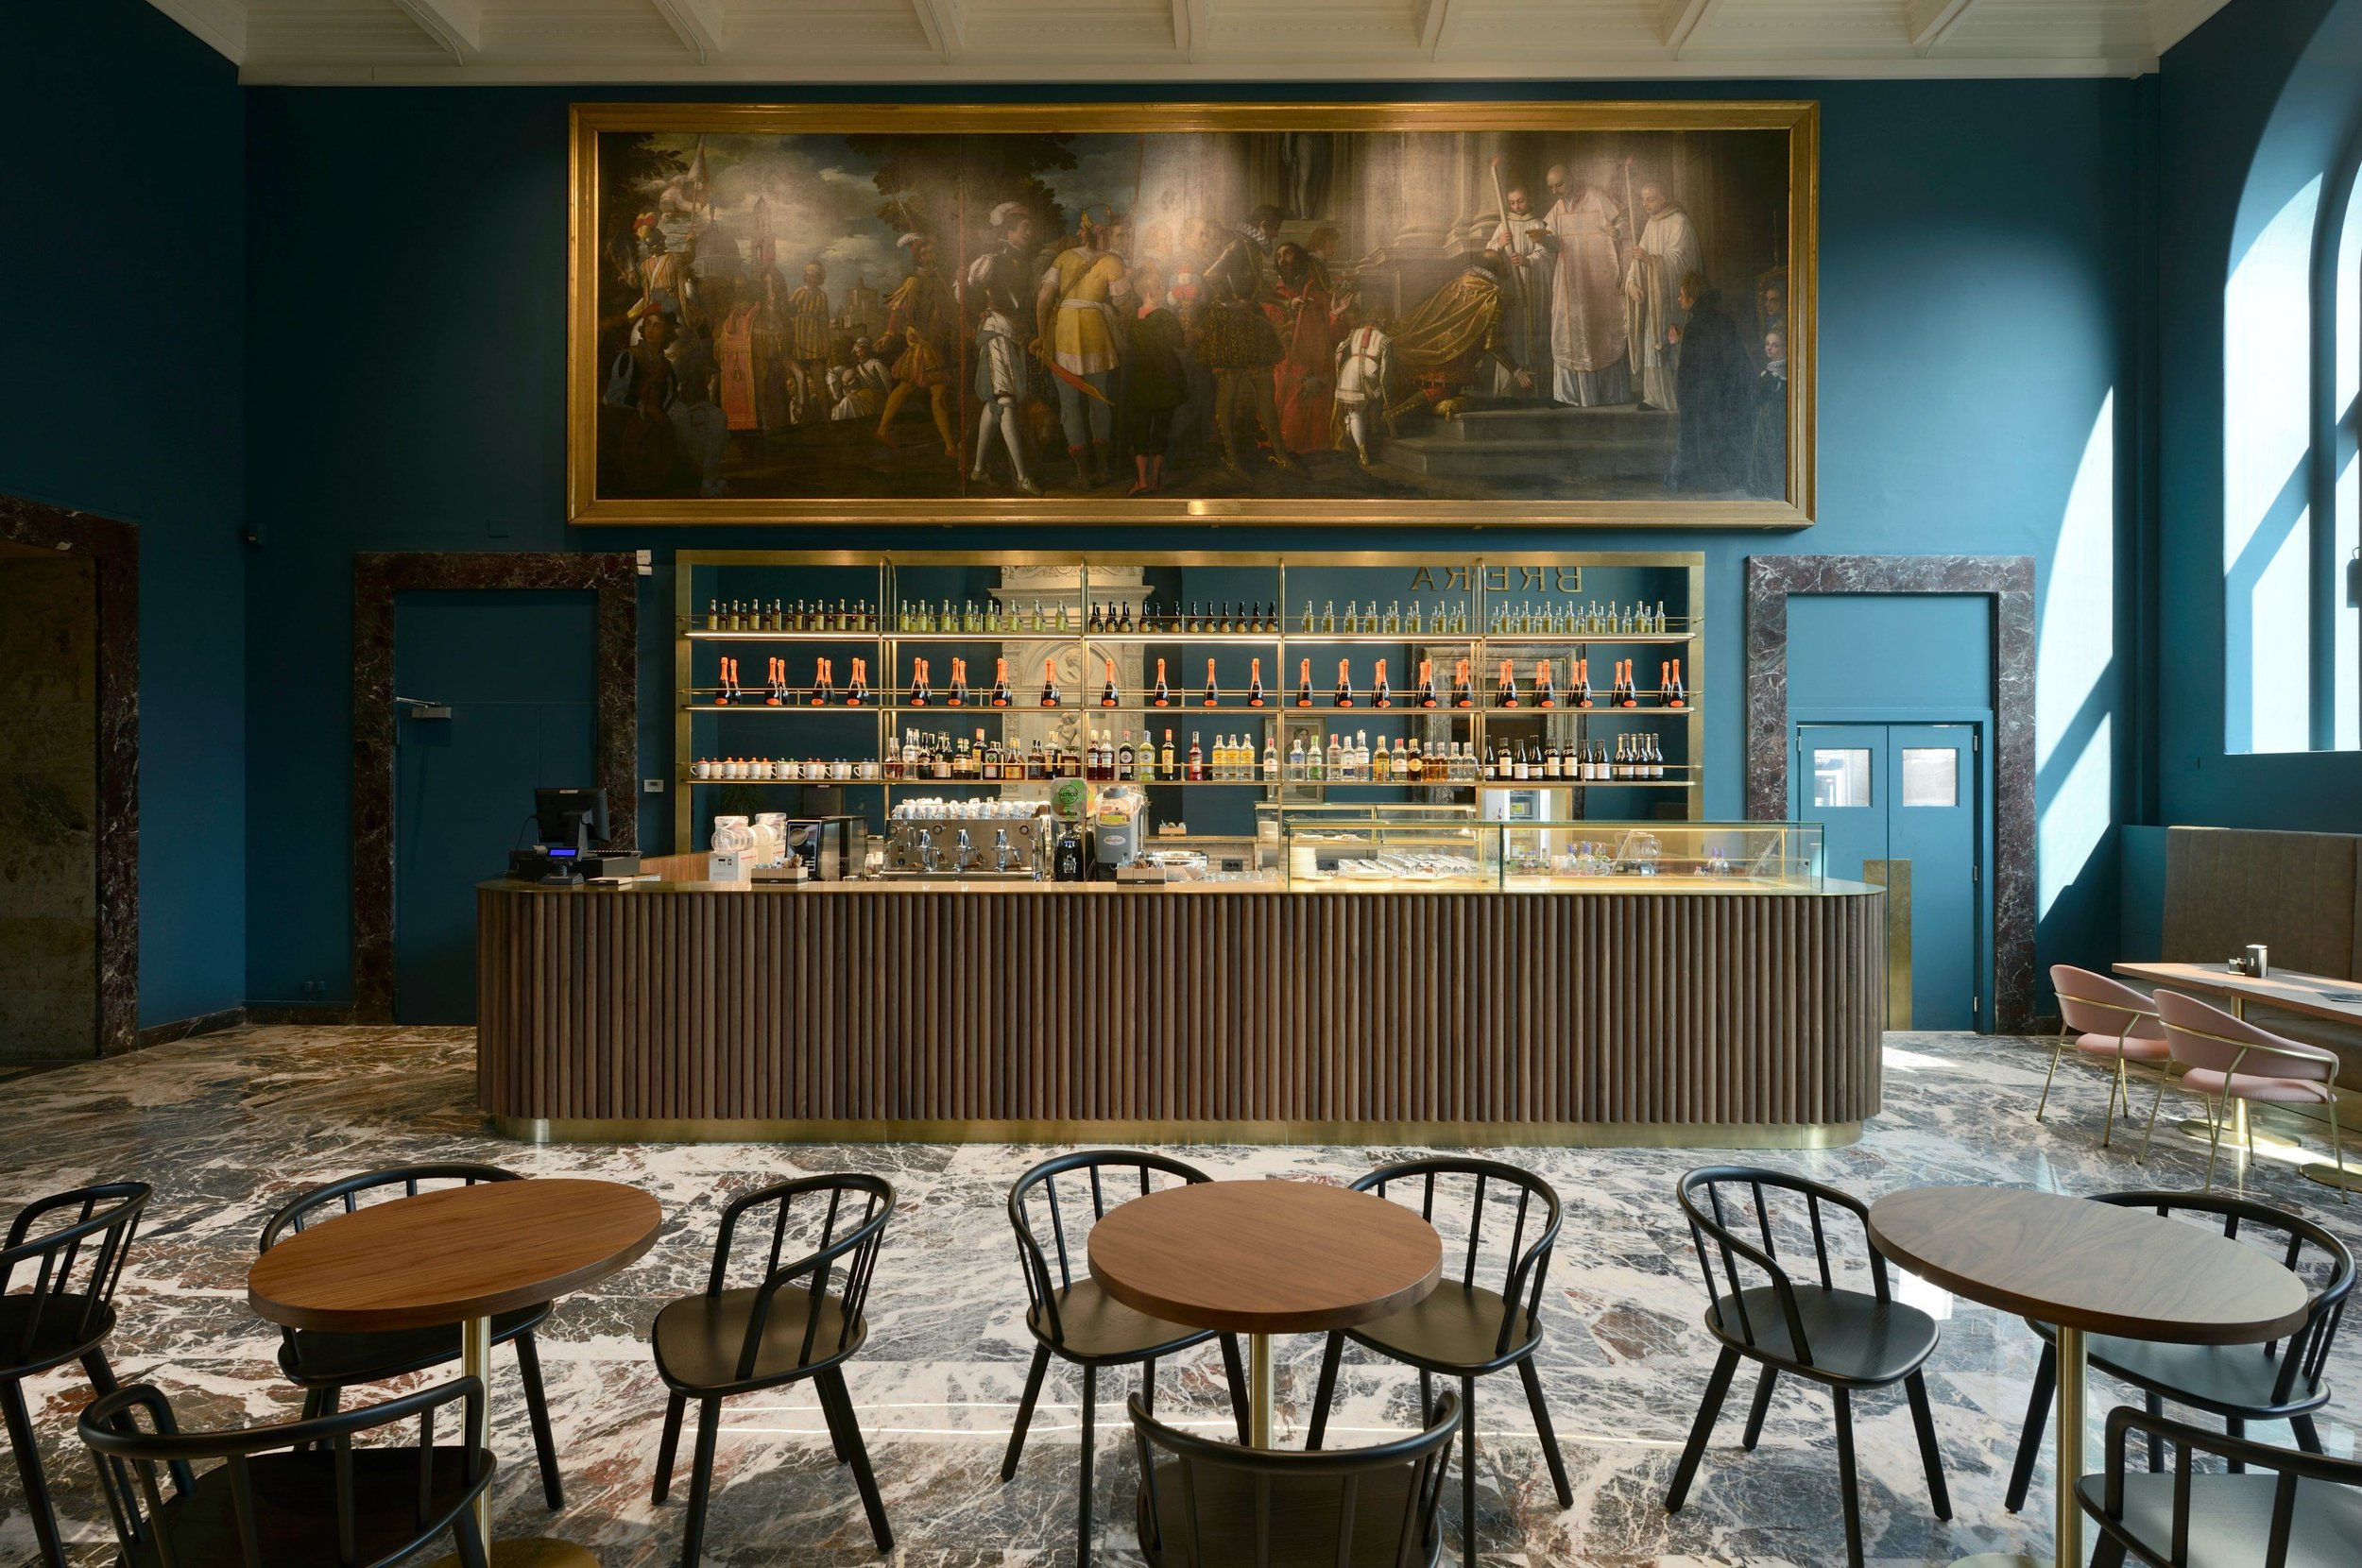 Caffe Fernanda - Cafe Milan - Pinacoteca di Brera - Milano - Photo by Michele Nastasi.jpg